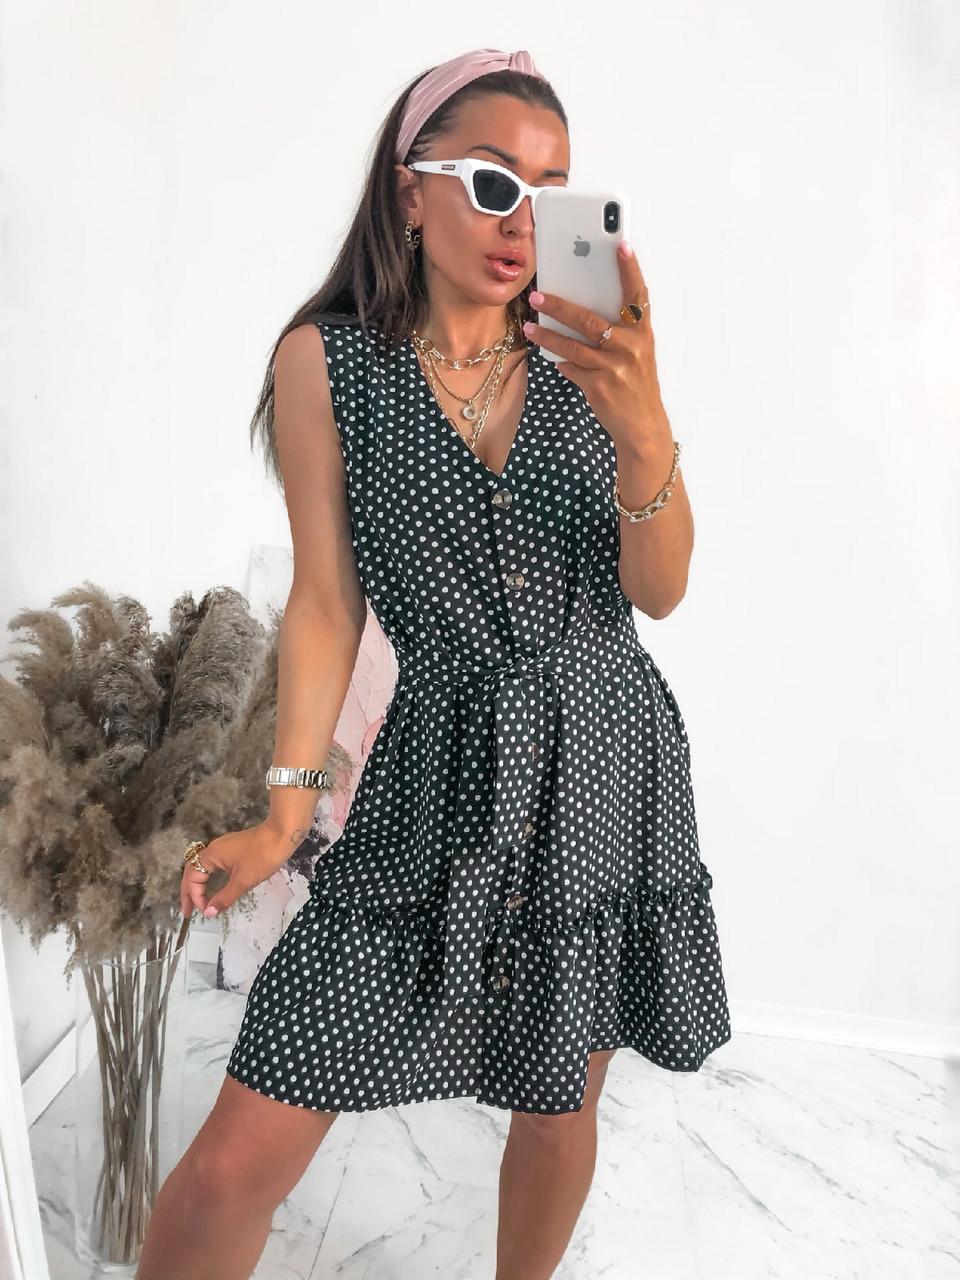 Жіноче літнє плаття в горошок без рукавів, на ґудзиках, 00961 (Чорний), Розмір 42 (S)